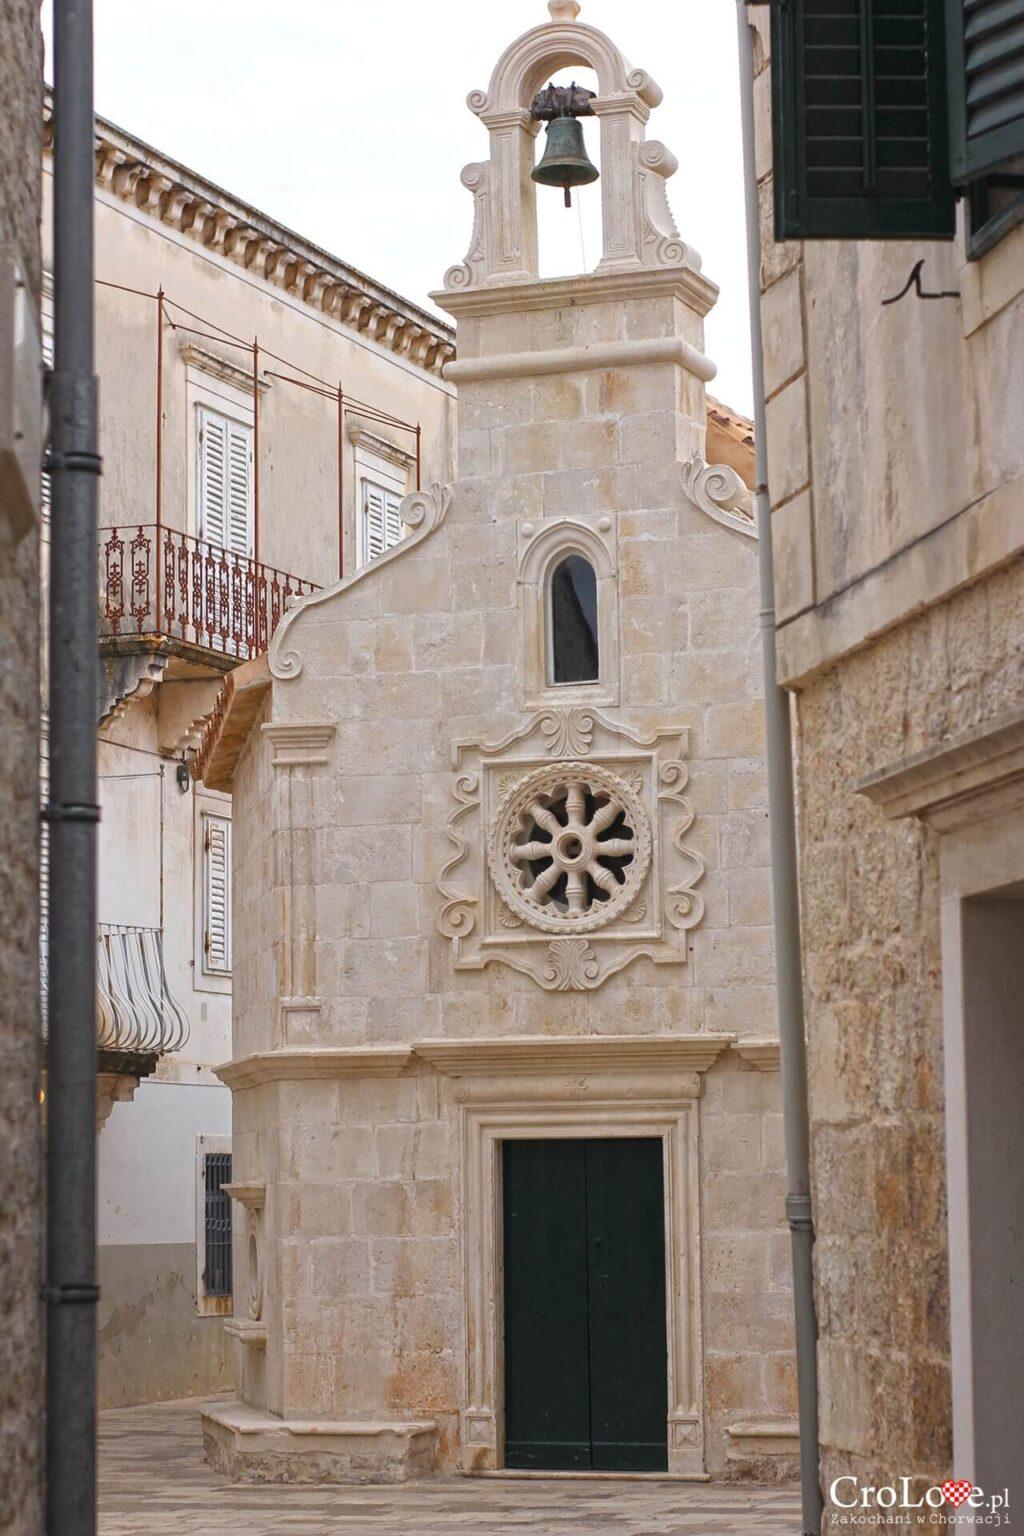 Kościół św Jana z XV wieku w Jelsie